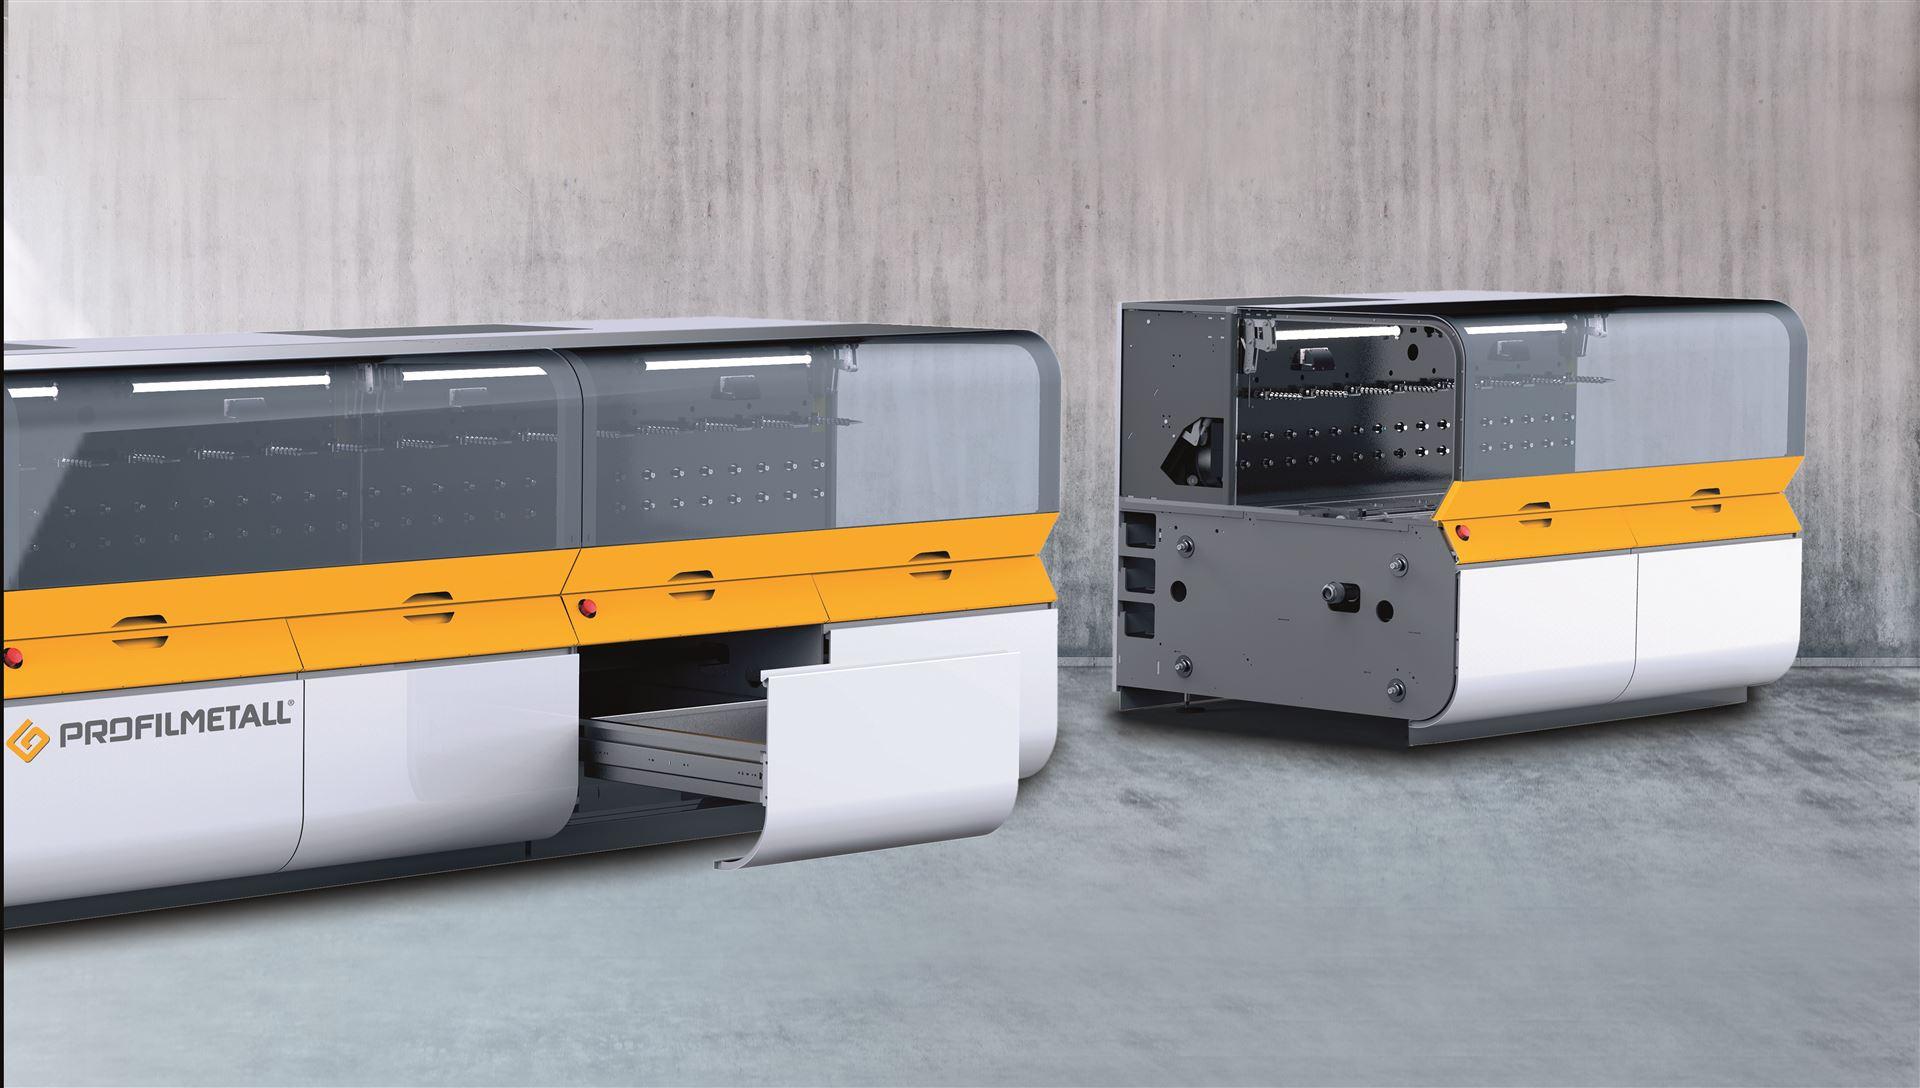 Modulare und hocheffiziente XELLAR-Fertigungszellen zum rollformen, stanzen, schweißen, trennen